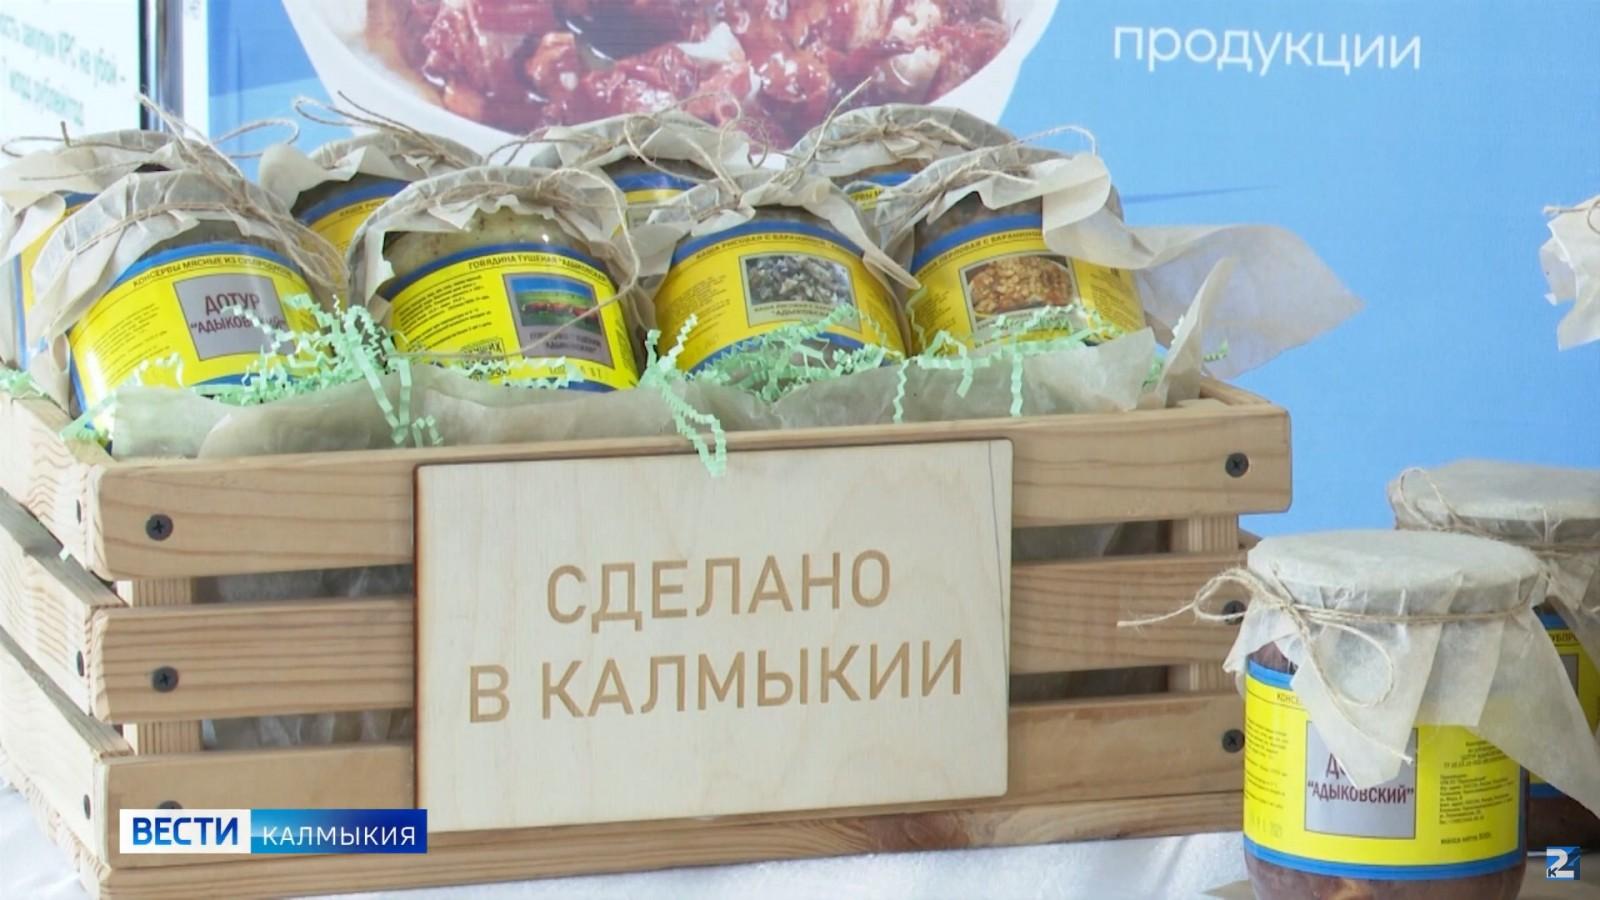 Лауреаты и дипломанты конкурса «Лучшие товары Калмыкии» были награждены